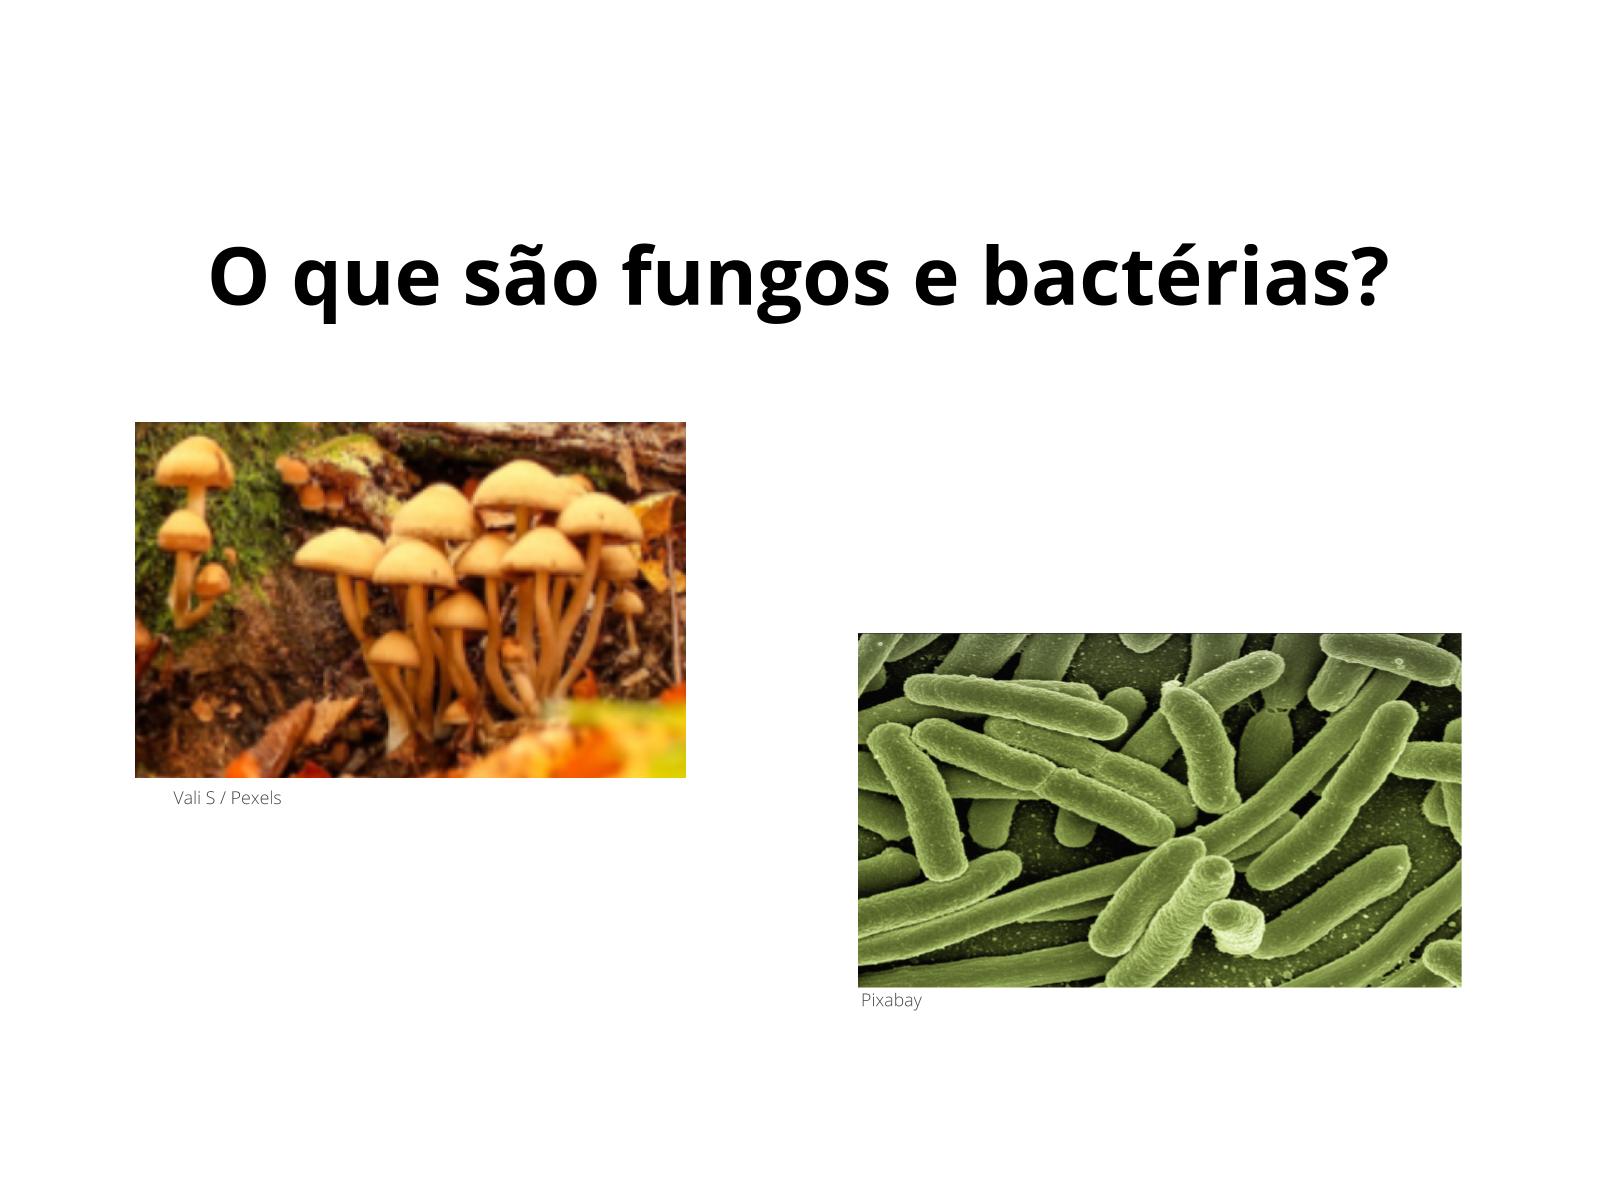 Conhecendo melhor os fungos e bactérias